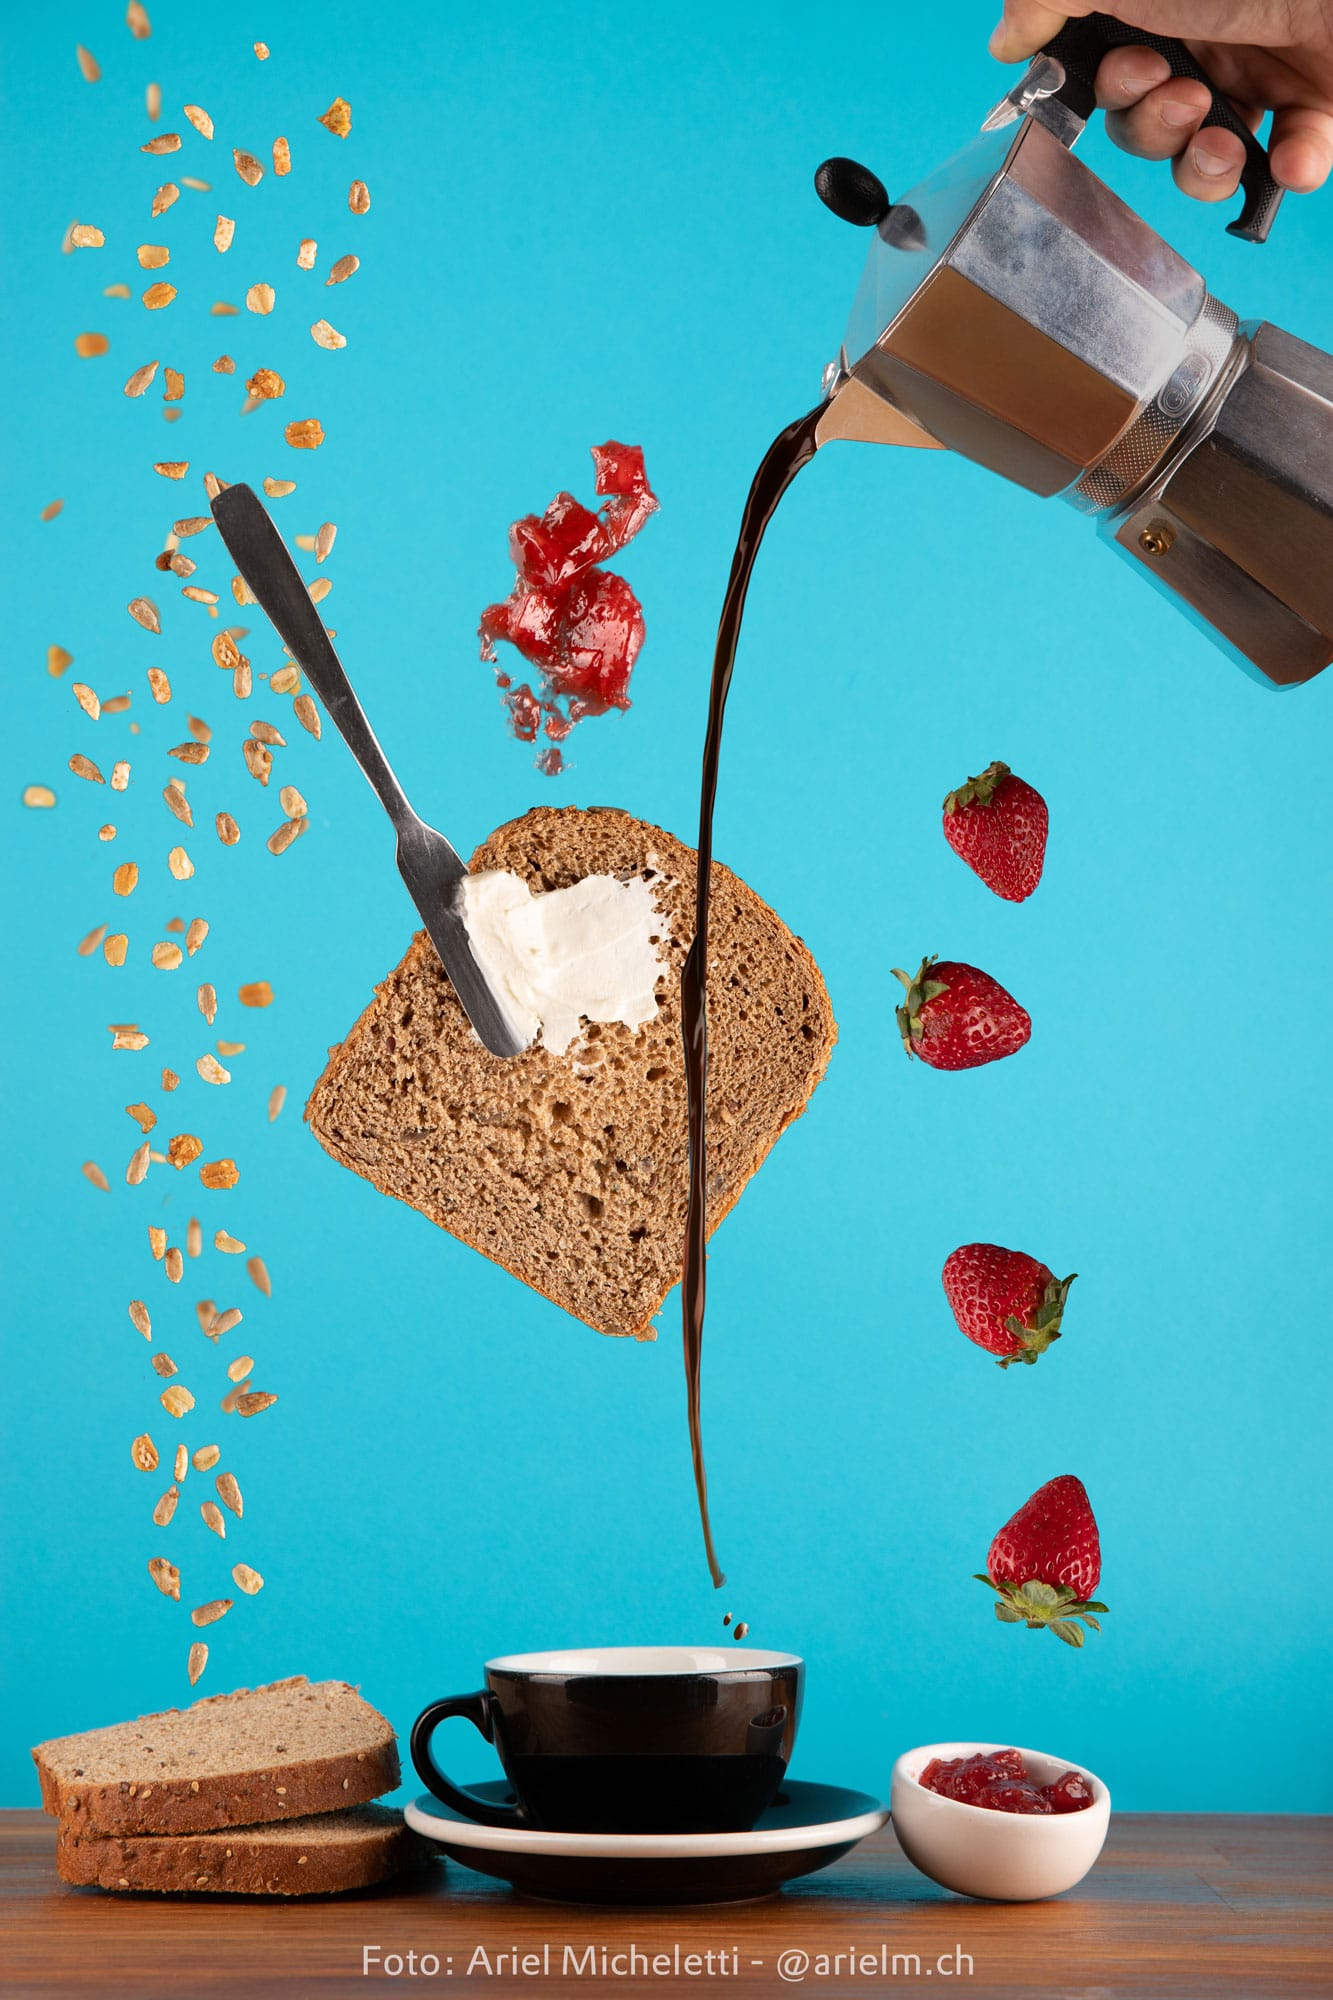 Fotografía publicitaria - Desayuno liviano